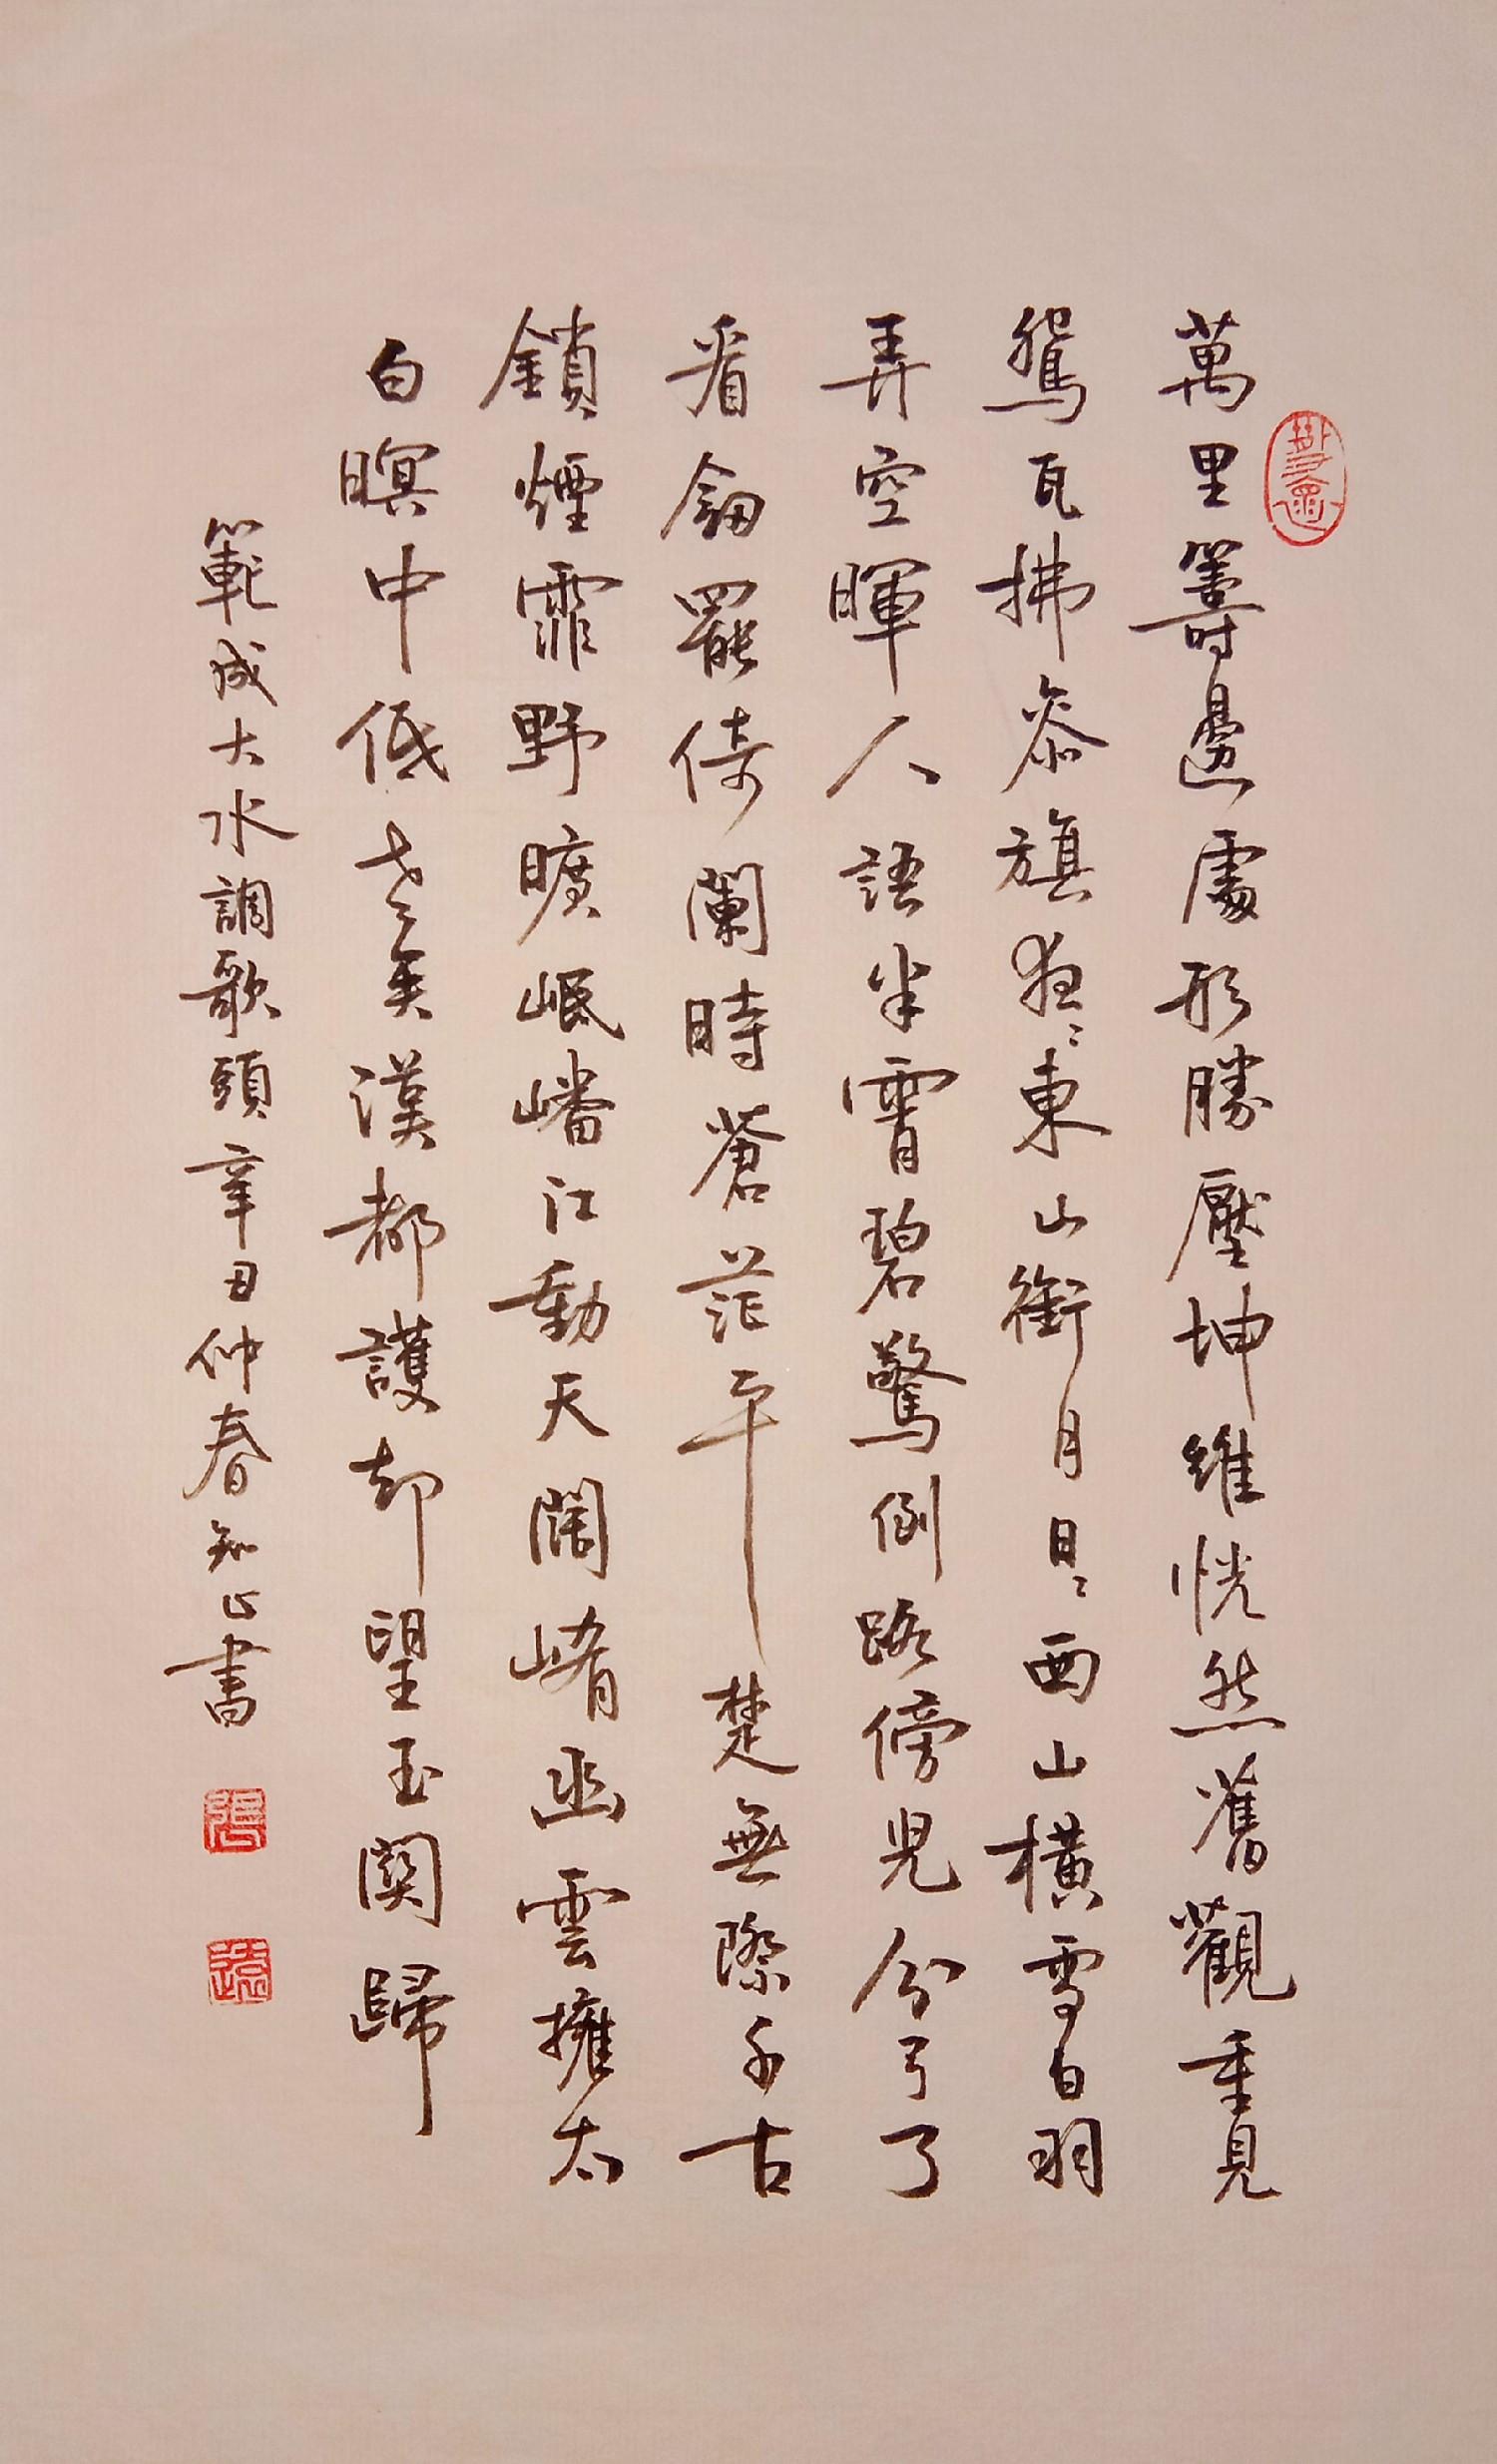 钢笔爱好者练字打卡20210413-09